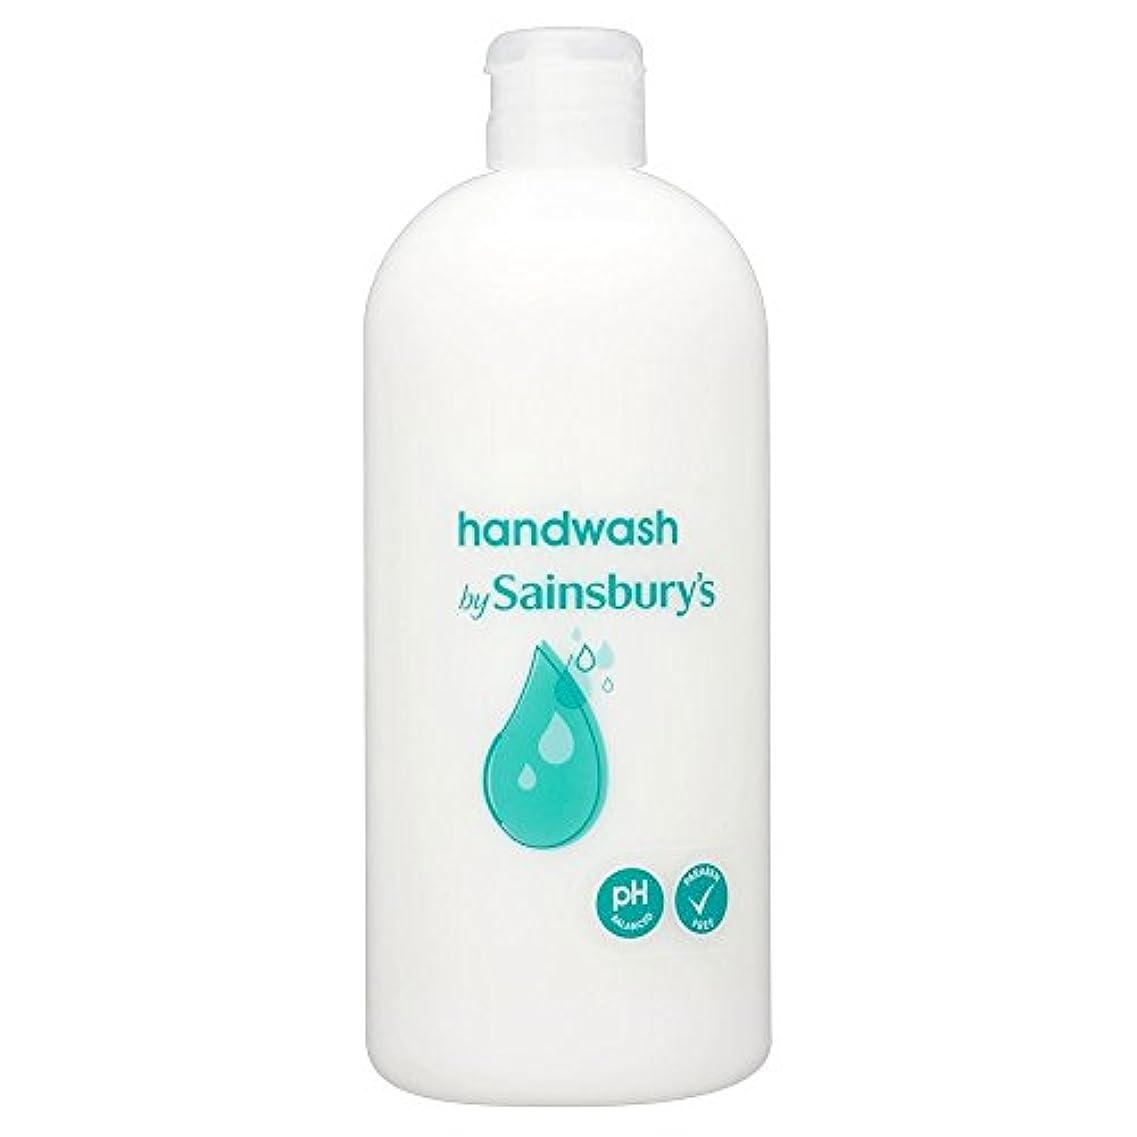 トロリーはさみ名前でSainsbury's Handwash, White Refill 500ml - (Sainsbury's) 手洗い、白リフィル500ミリリットル [並行輸入品]